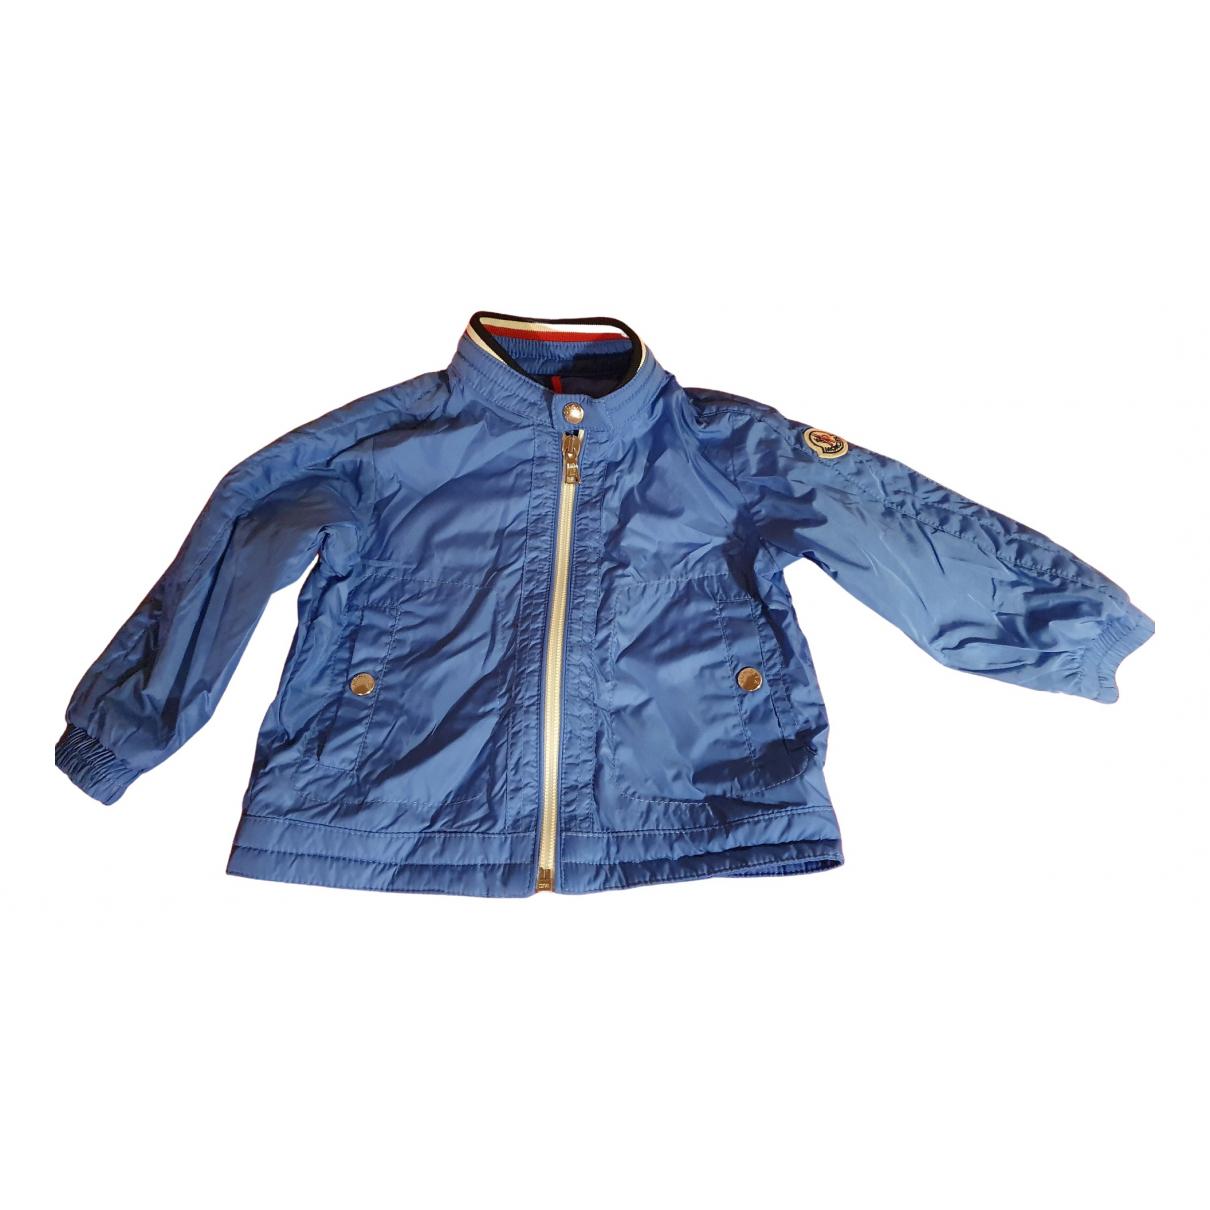 Moncler - Blousons.Manteaux   pour enfant - turquoise